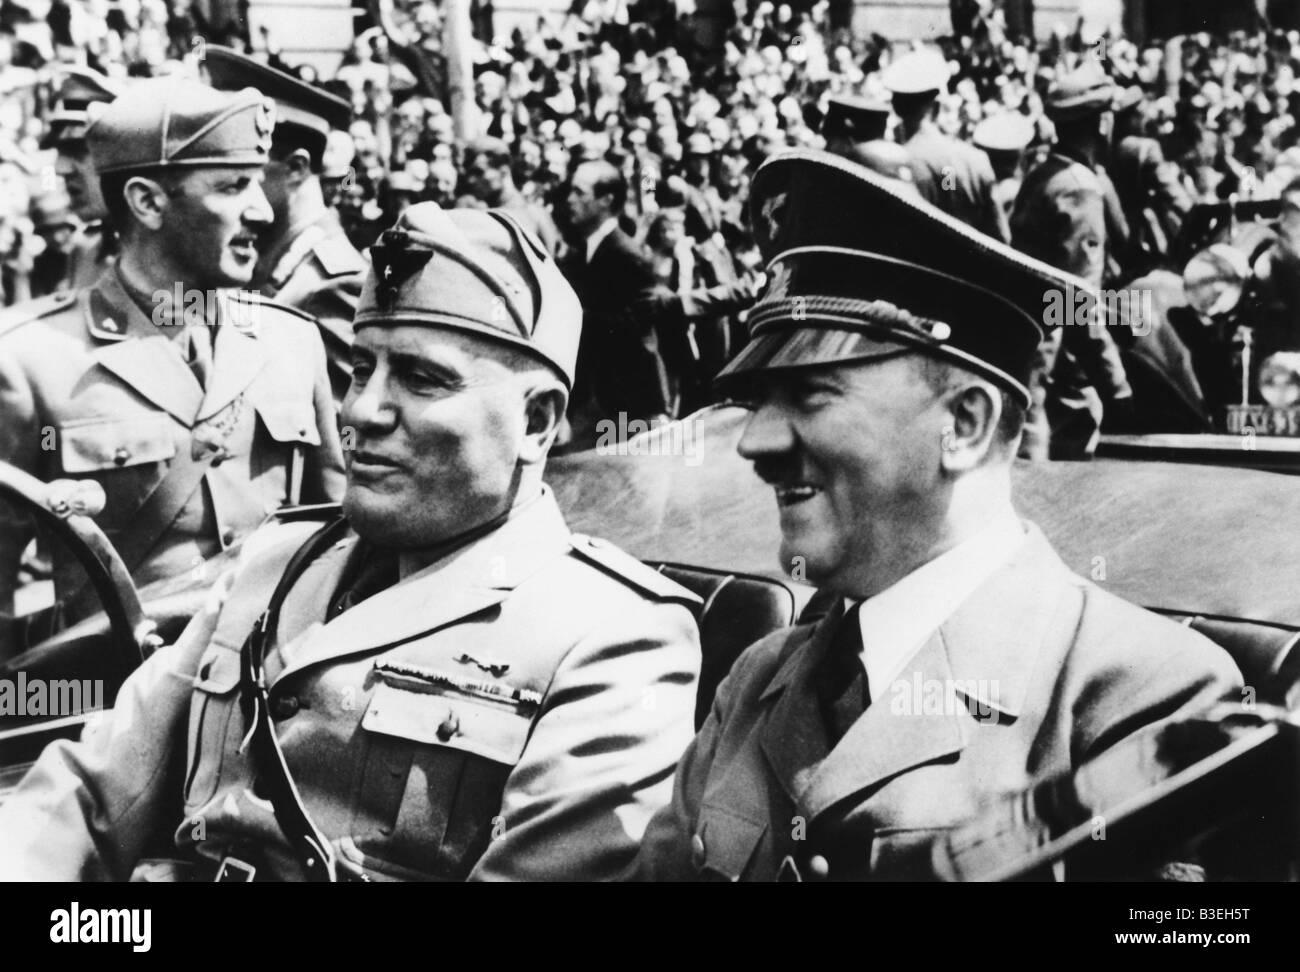 Hitler e Mussolini em um carro, 1940. Imagens de Stock